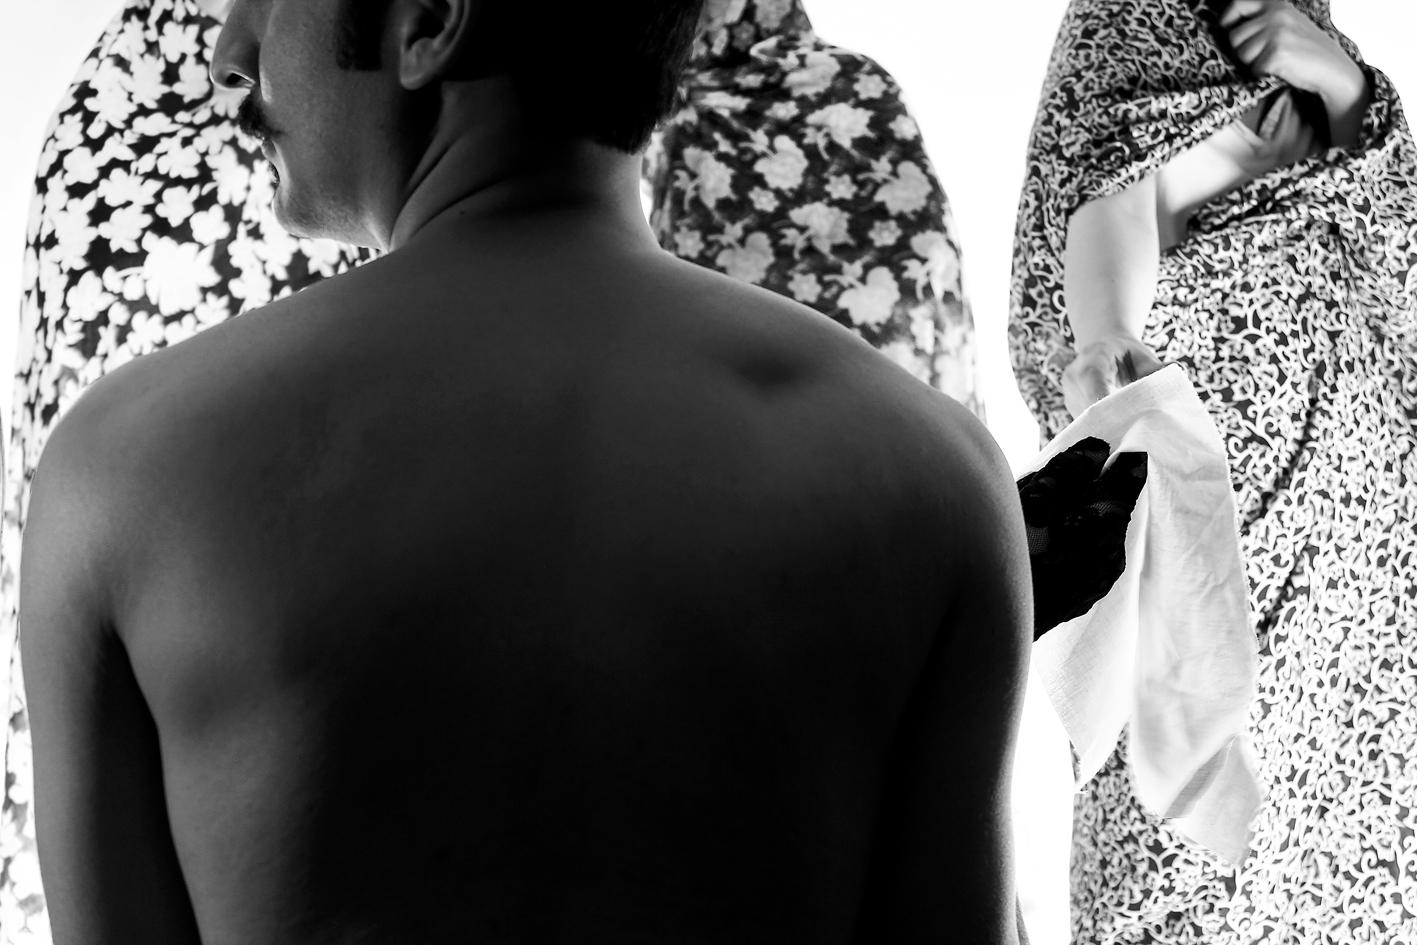 Handkerchief of Virginity